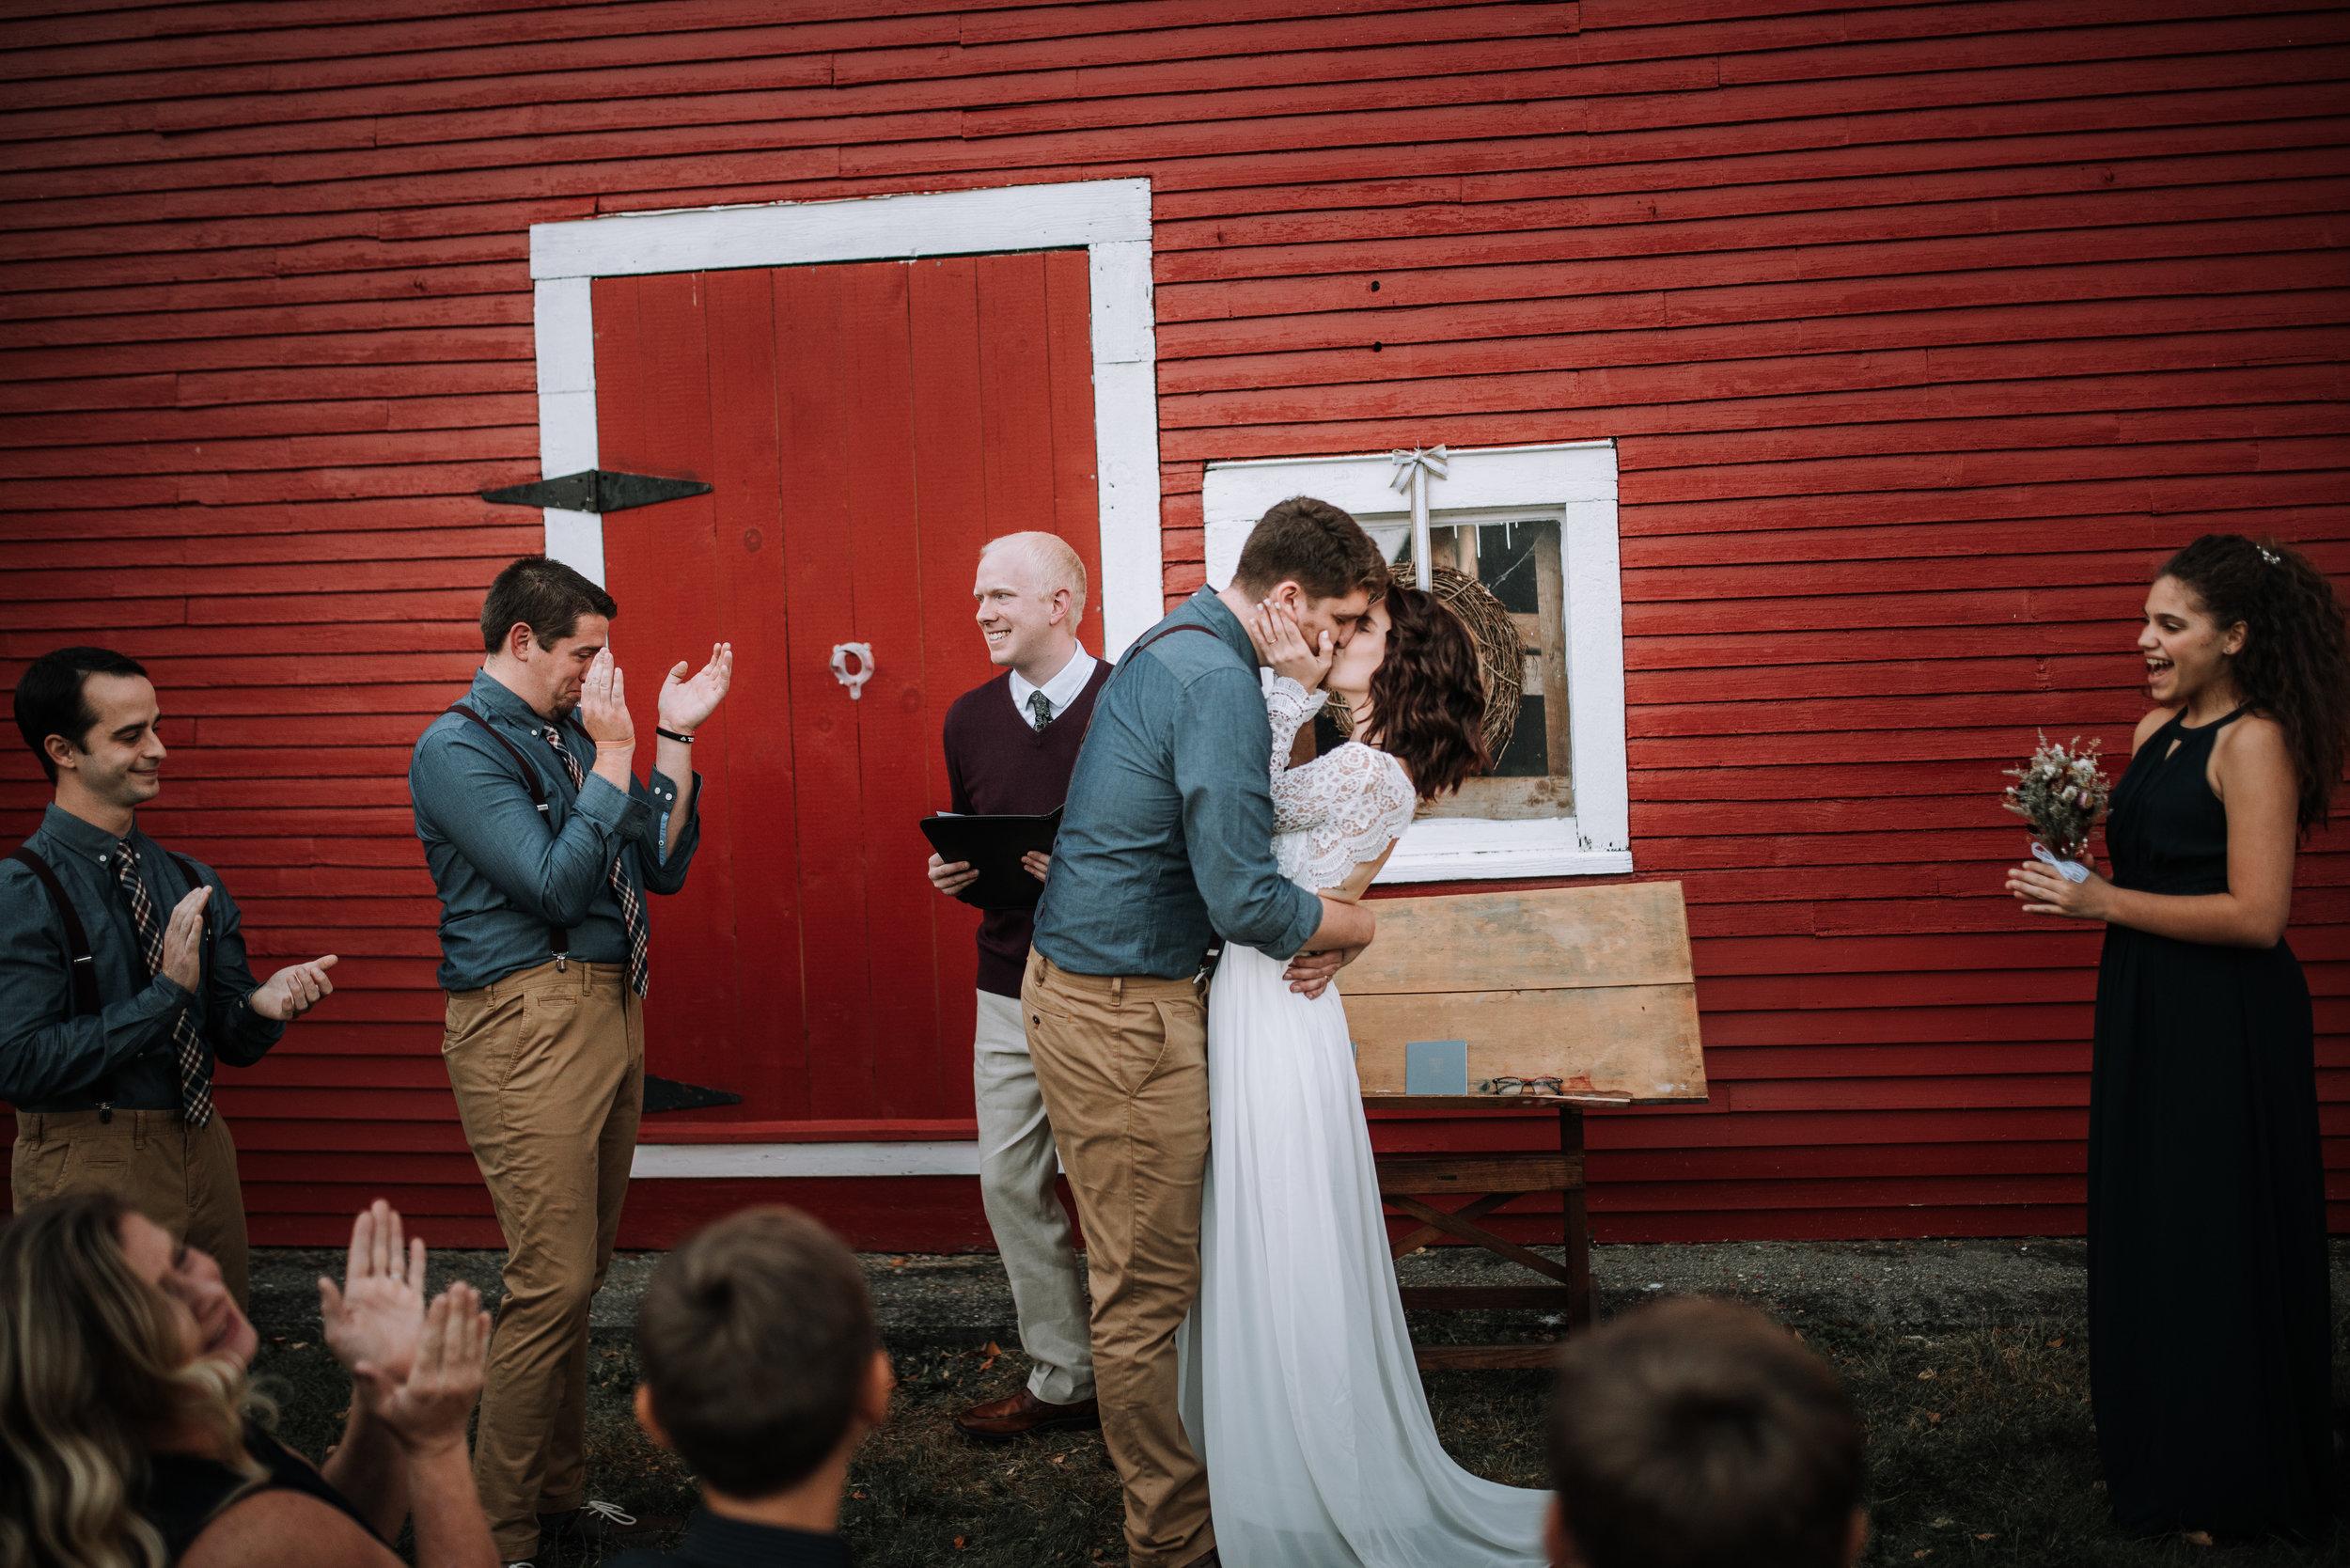 LUV LENS_WEDDING_GABBIE GARY SMALL-37.jpg